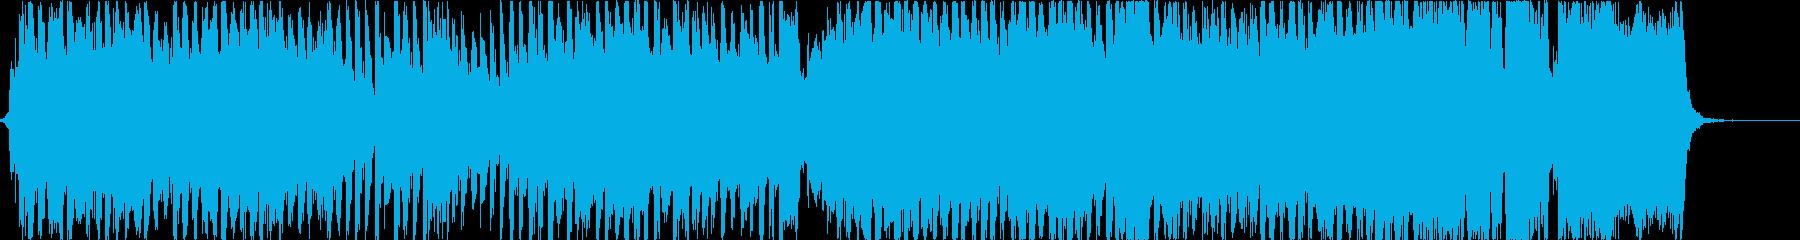 ストリングスメロディの爽やかなEDMの再生済みの波形